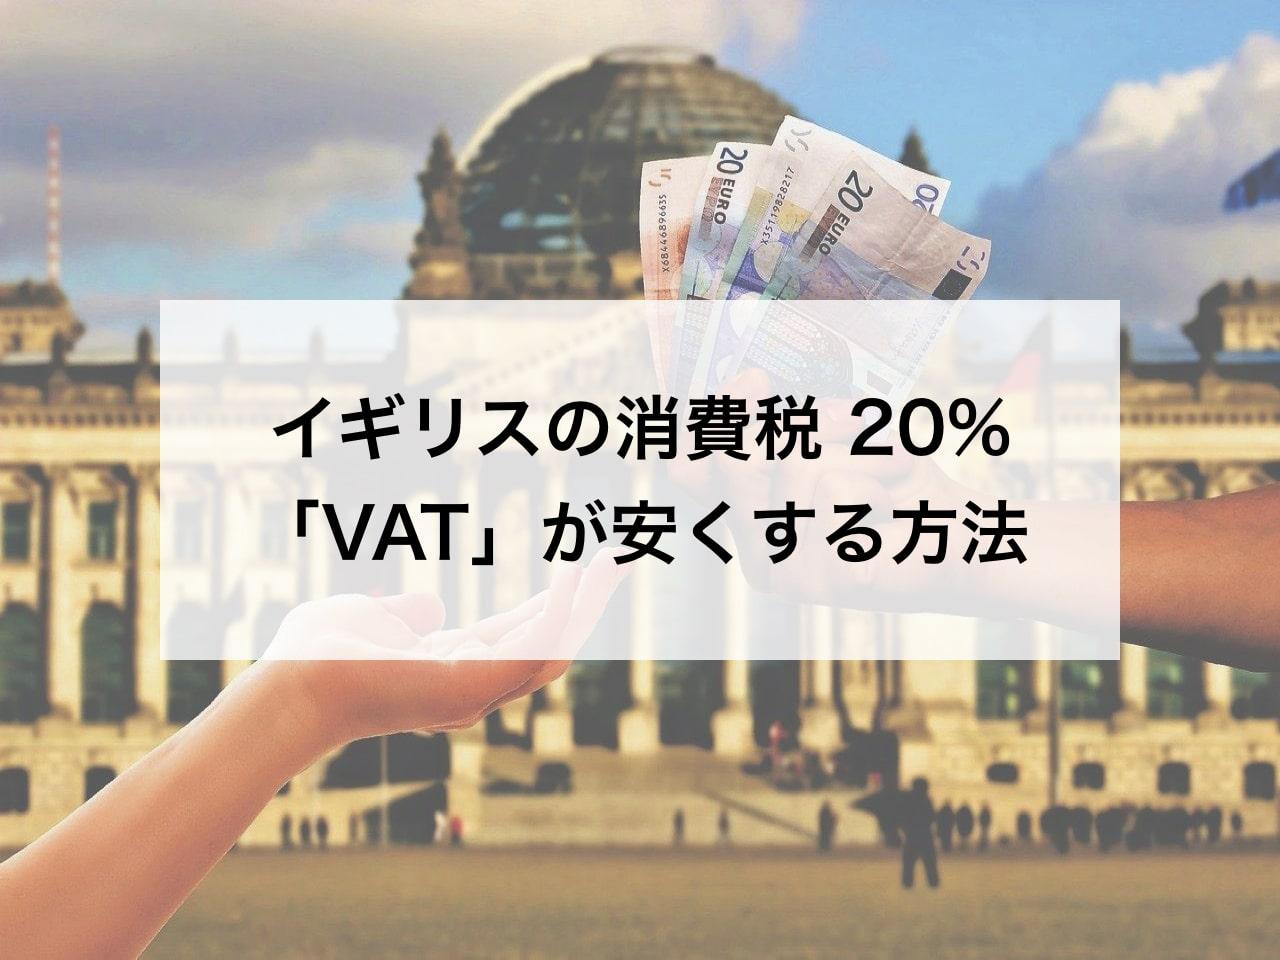 イギリスの消費税 20%「VAT」を節約する方法